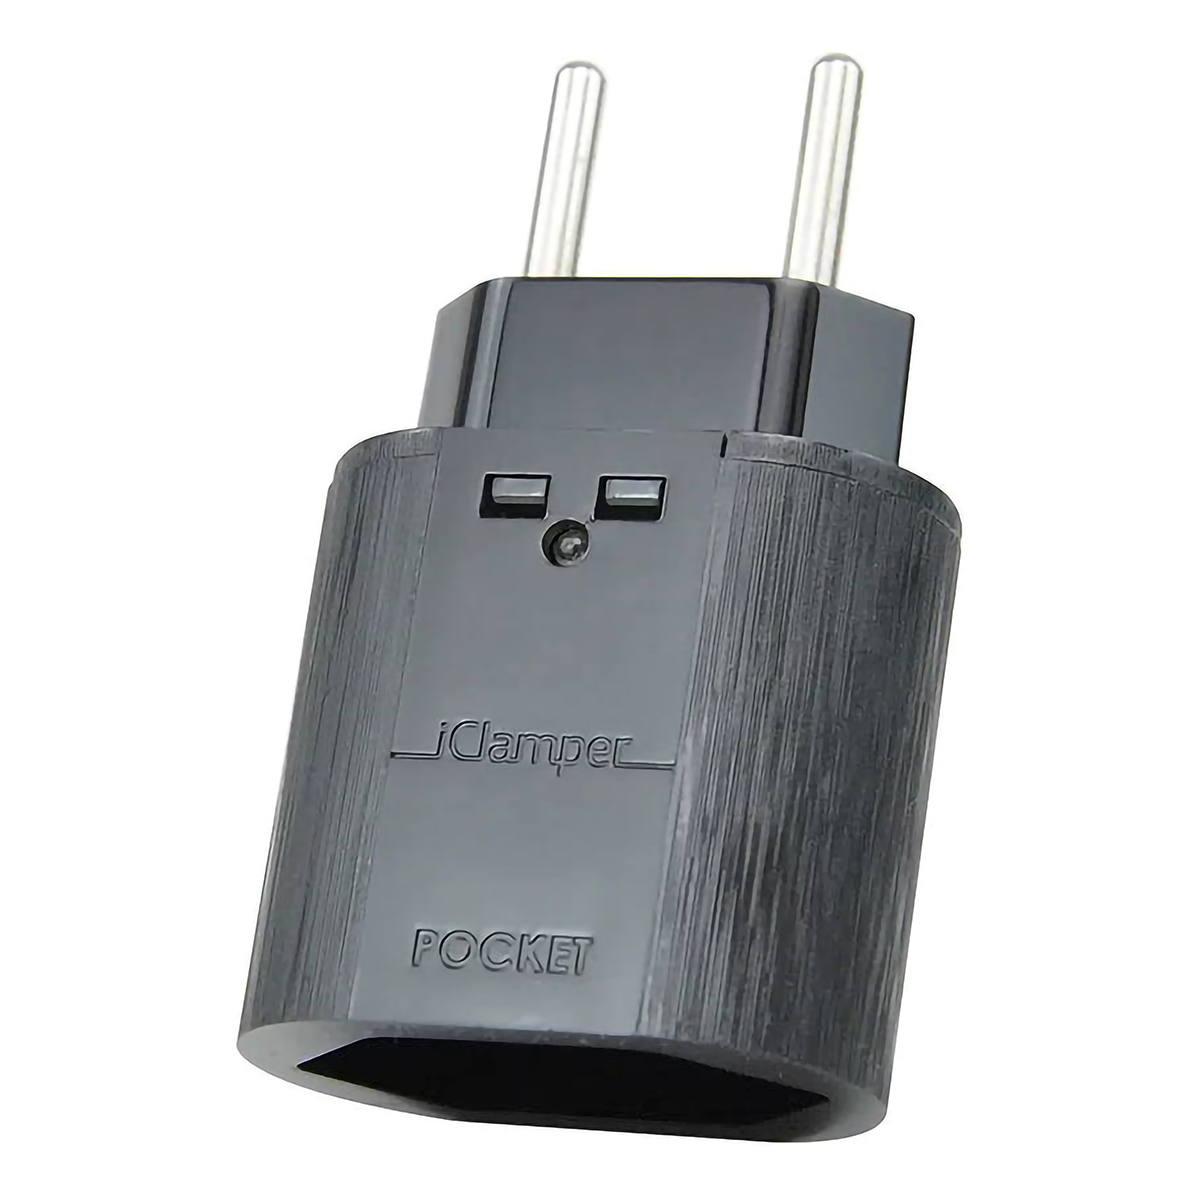 DPS Plug & Use de 2 pinos 10A iClamper Pocket 2P Proteção contra Surtos Elétricos Sem Aterramento Clamper Portátil Preto